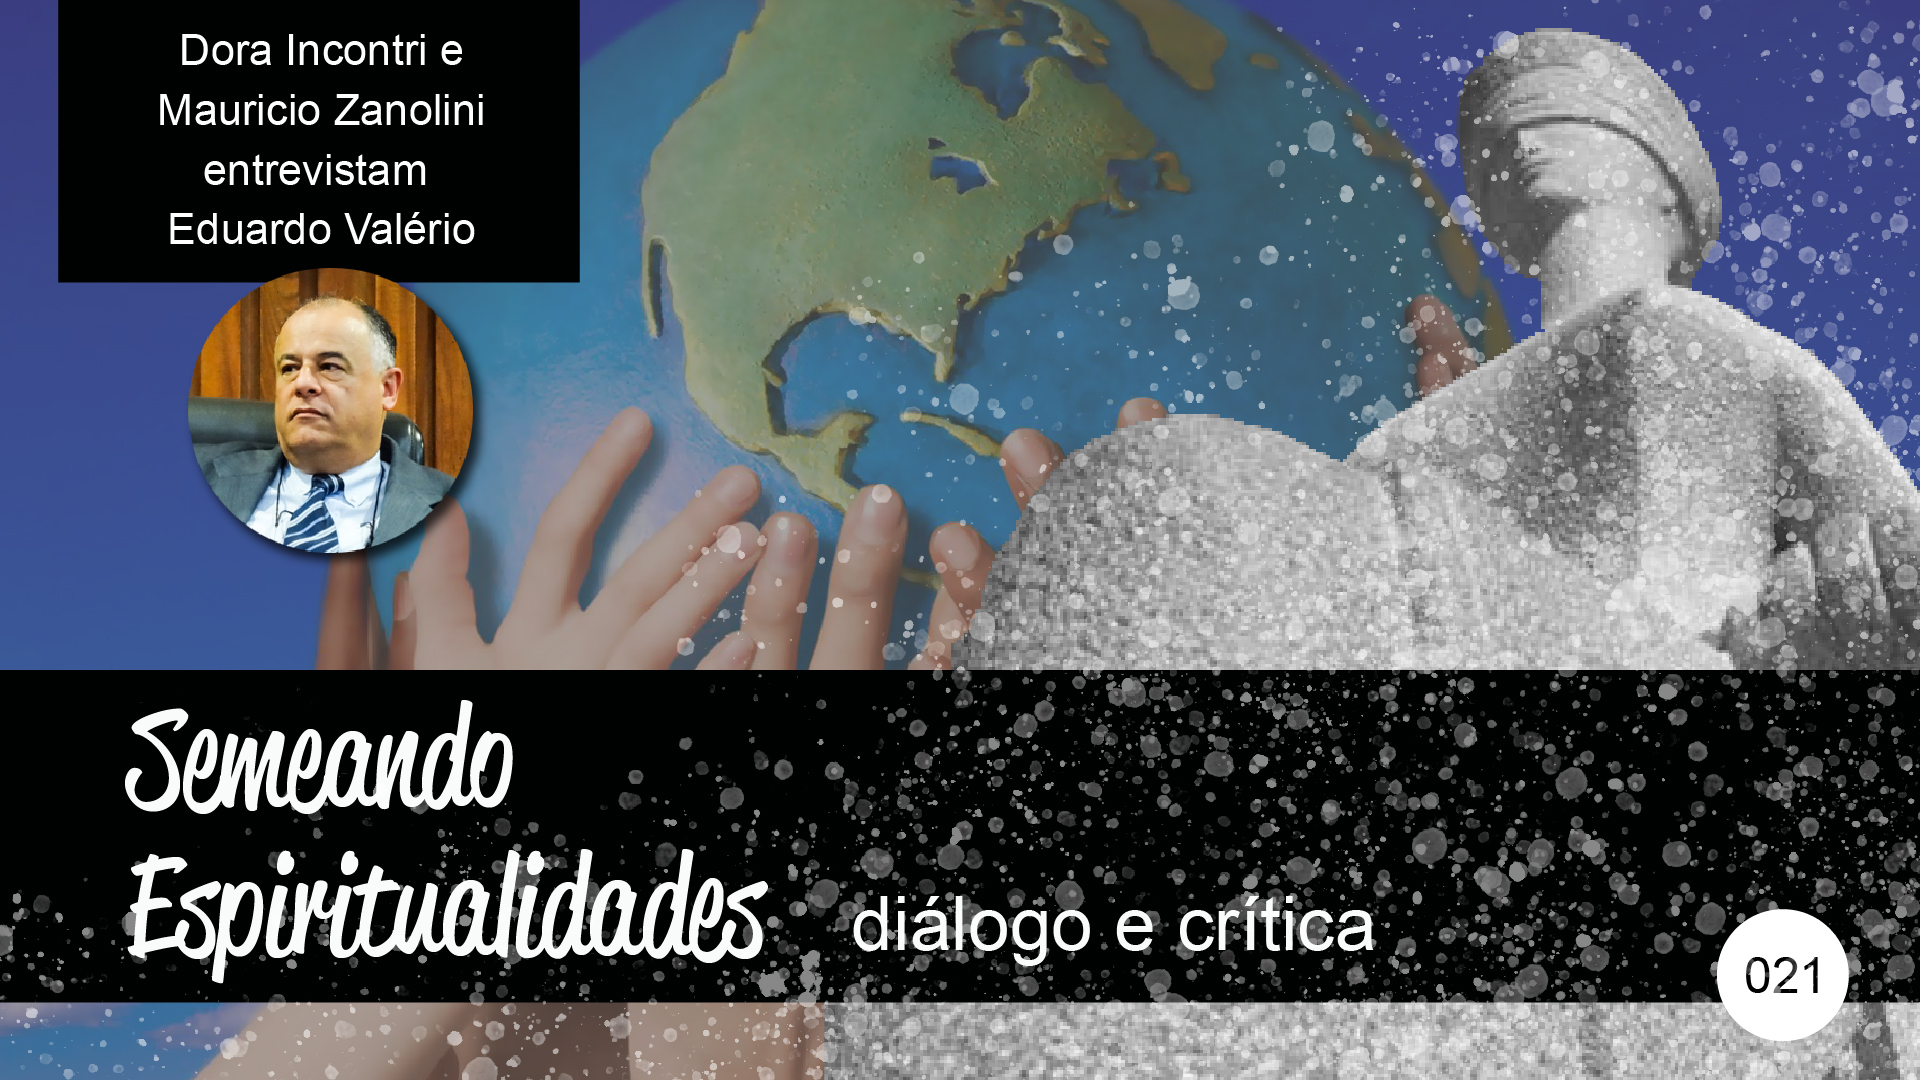 Semeando Espiritualidades – diálogo e crítica (021) – Justiça e Direitos Humanos